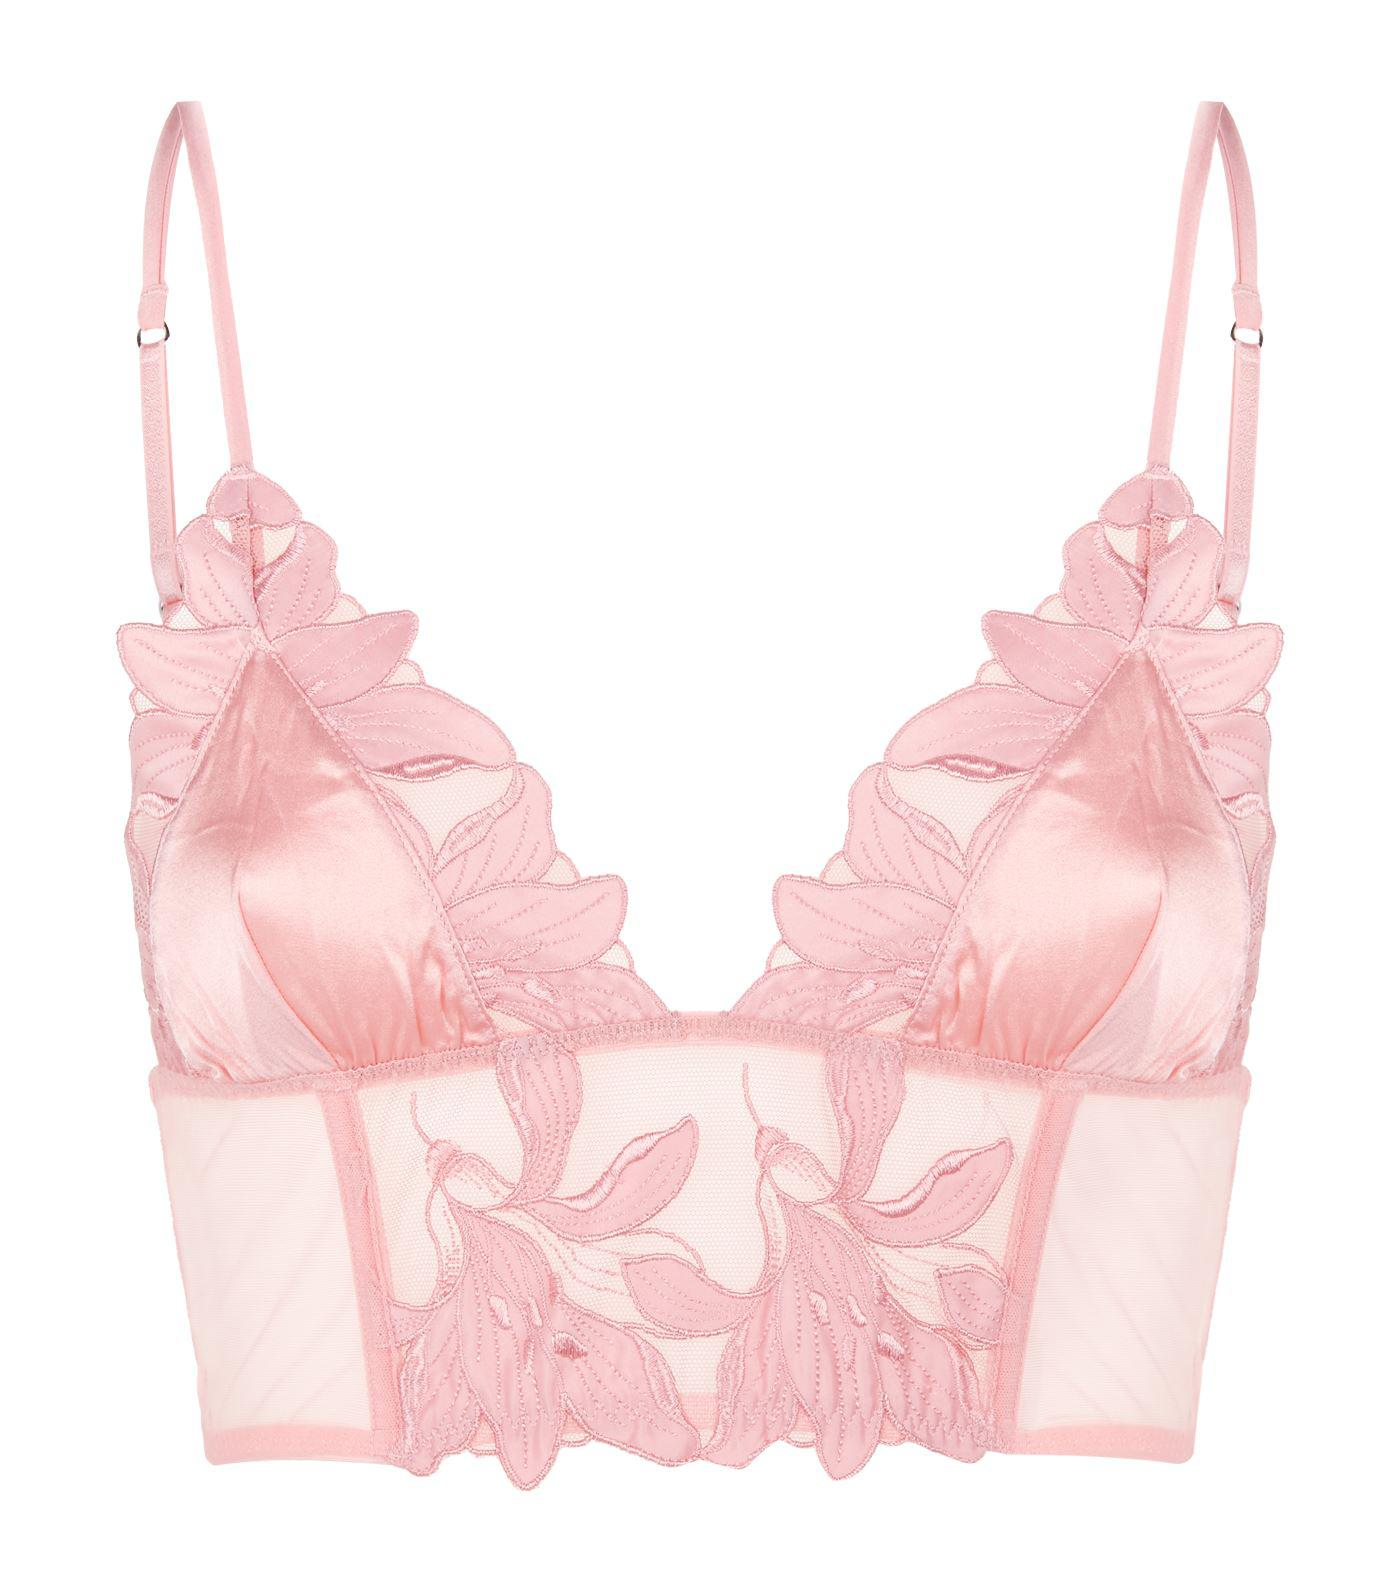 c07983ce66 Fleur du Mal Lily Lace Longline Triangle Bra in Pink - Lyst